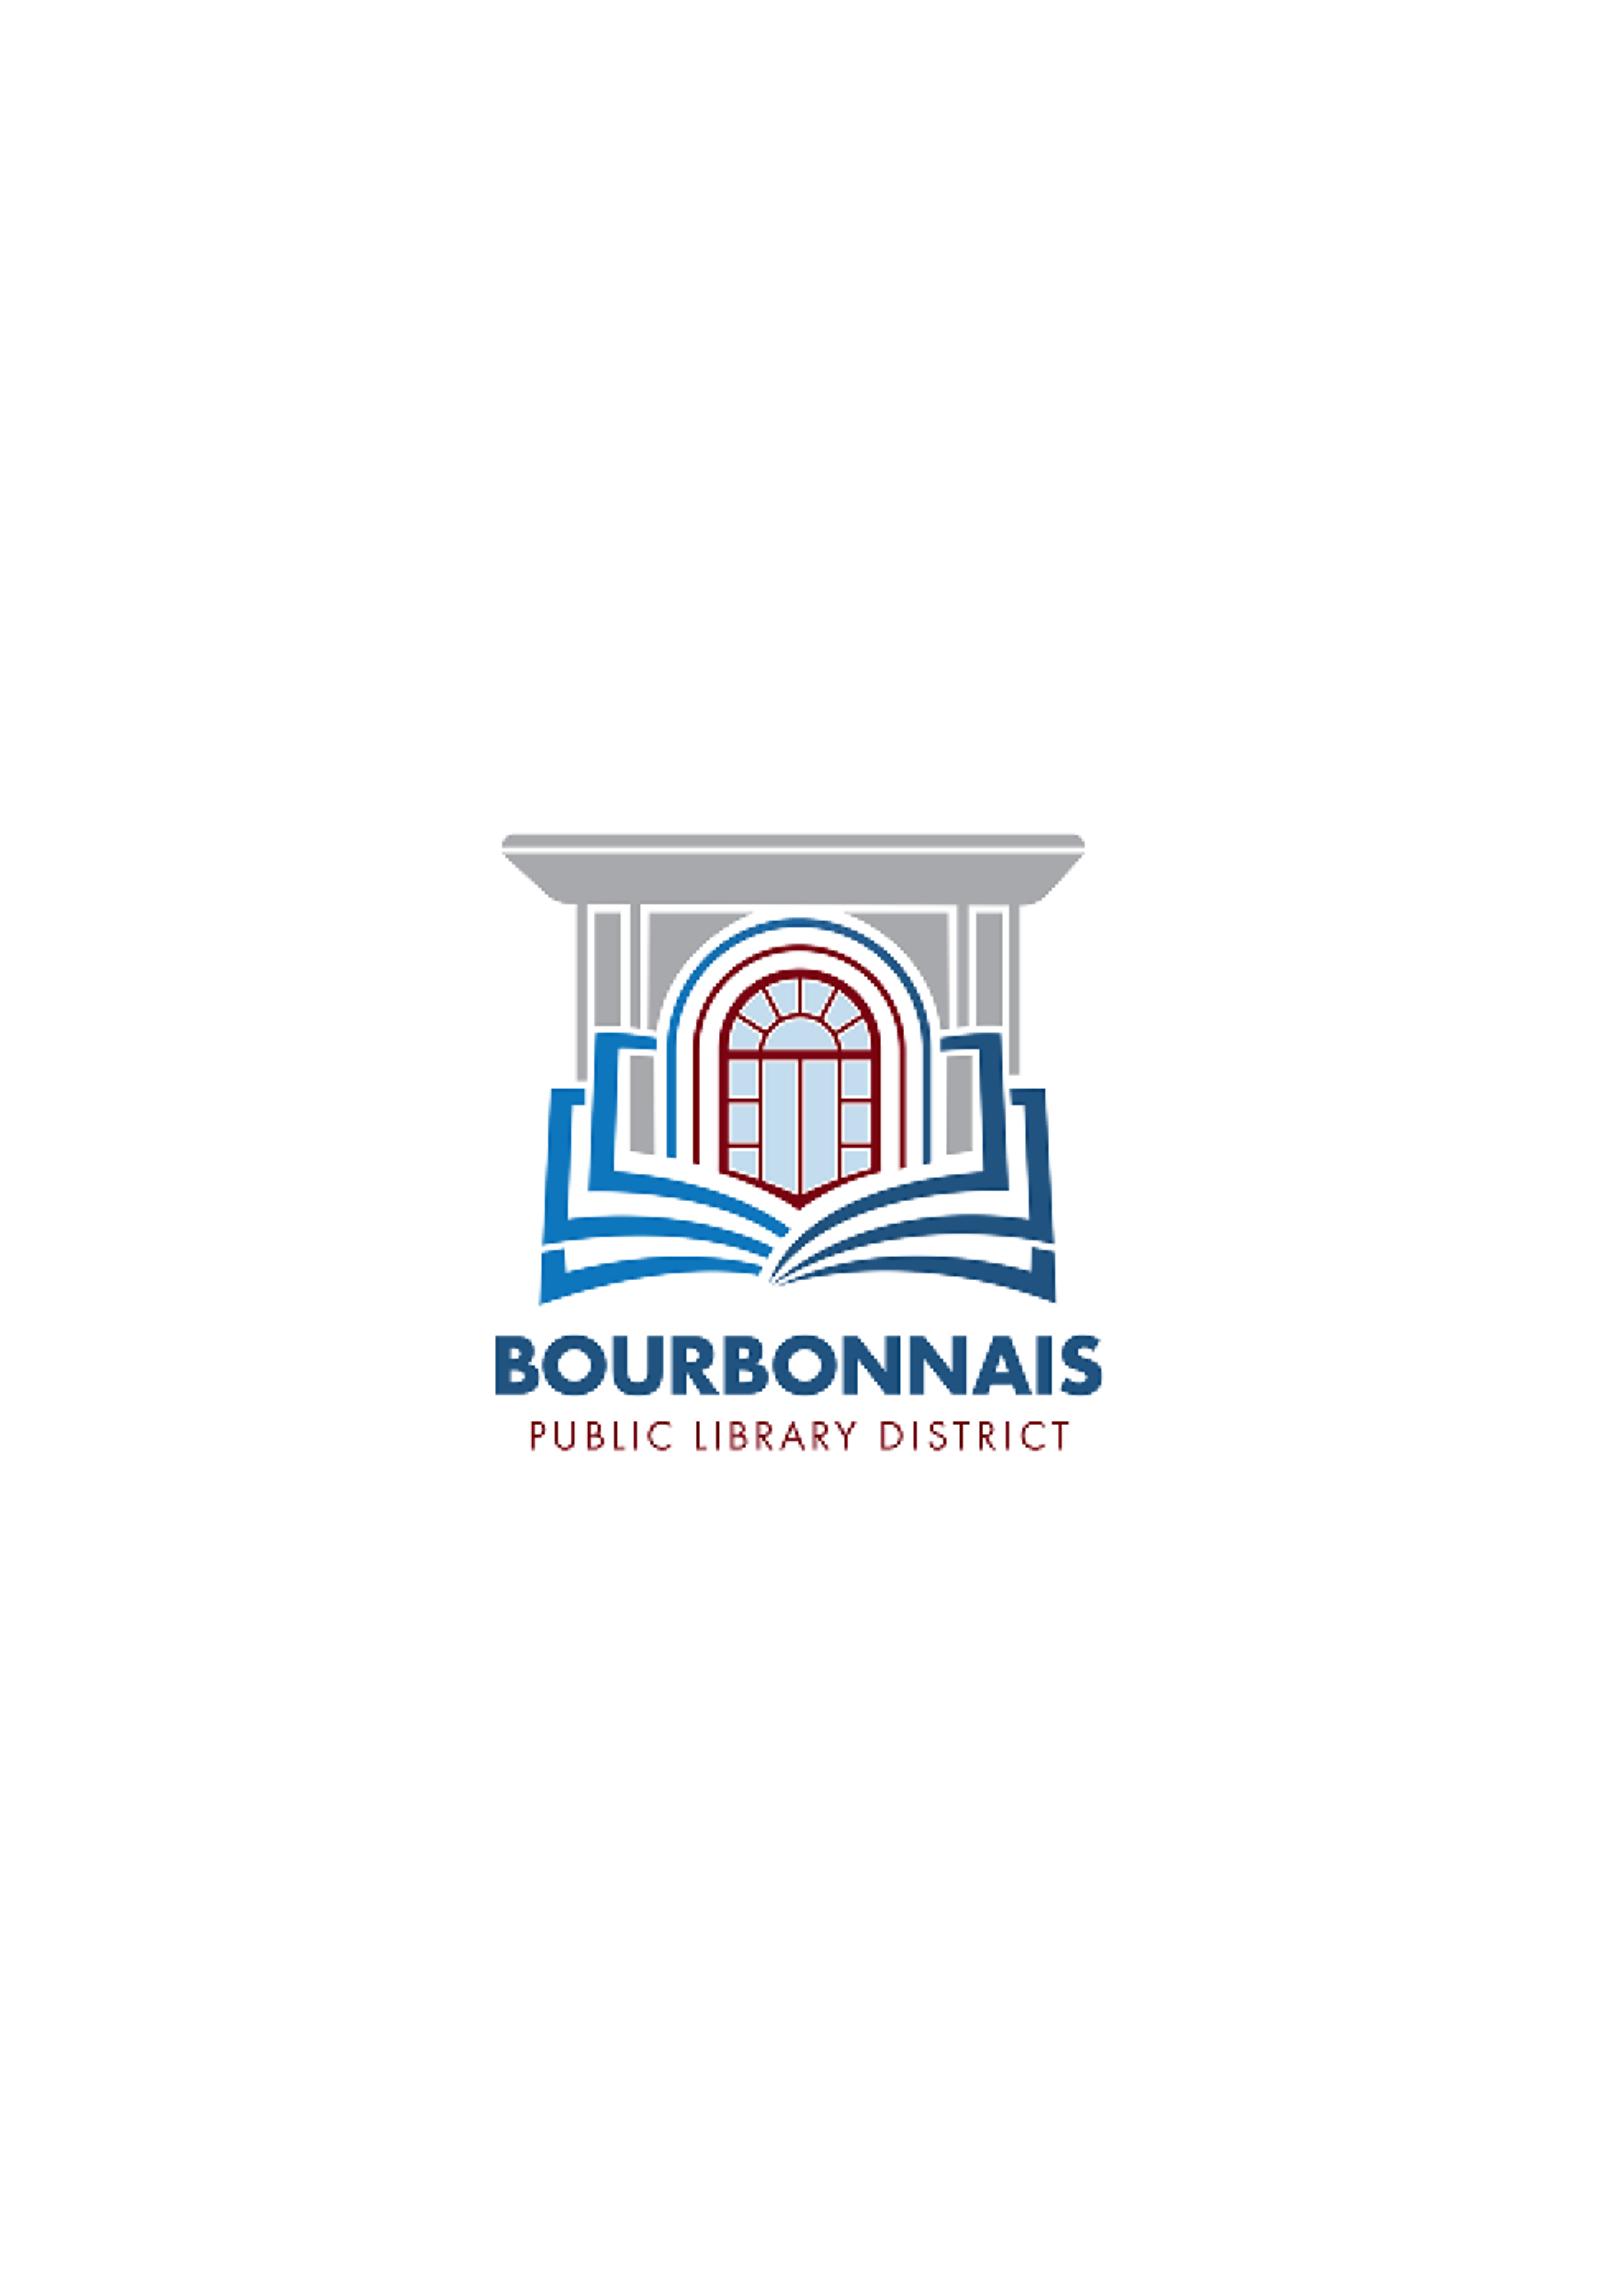 Bourbonnais Public Library